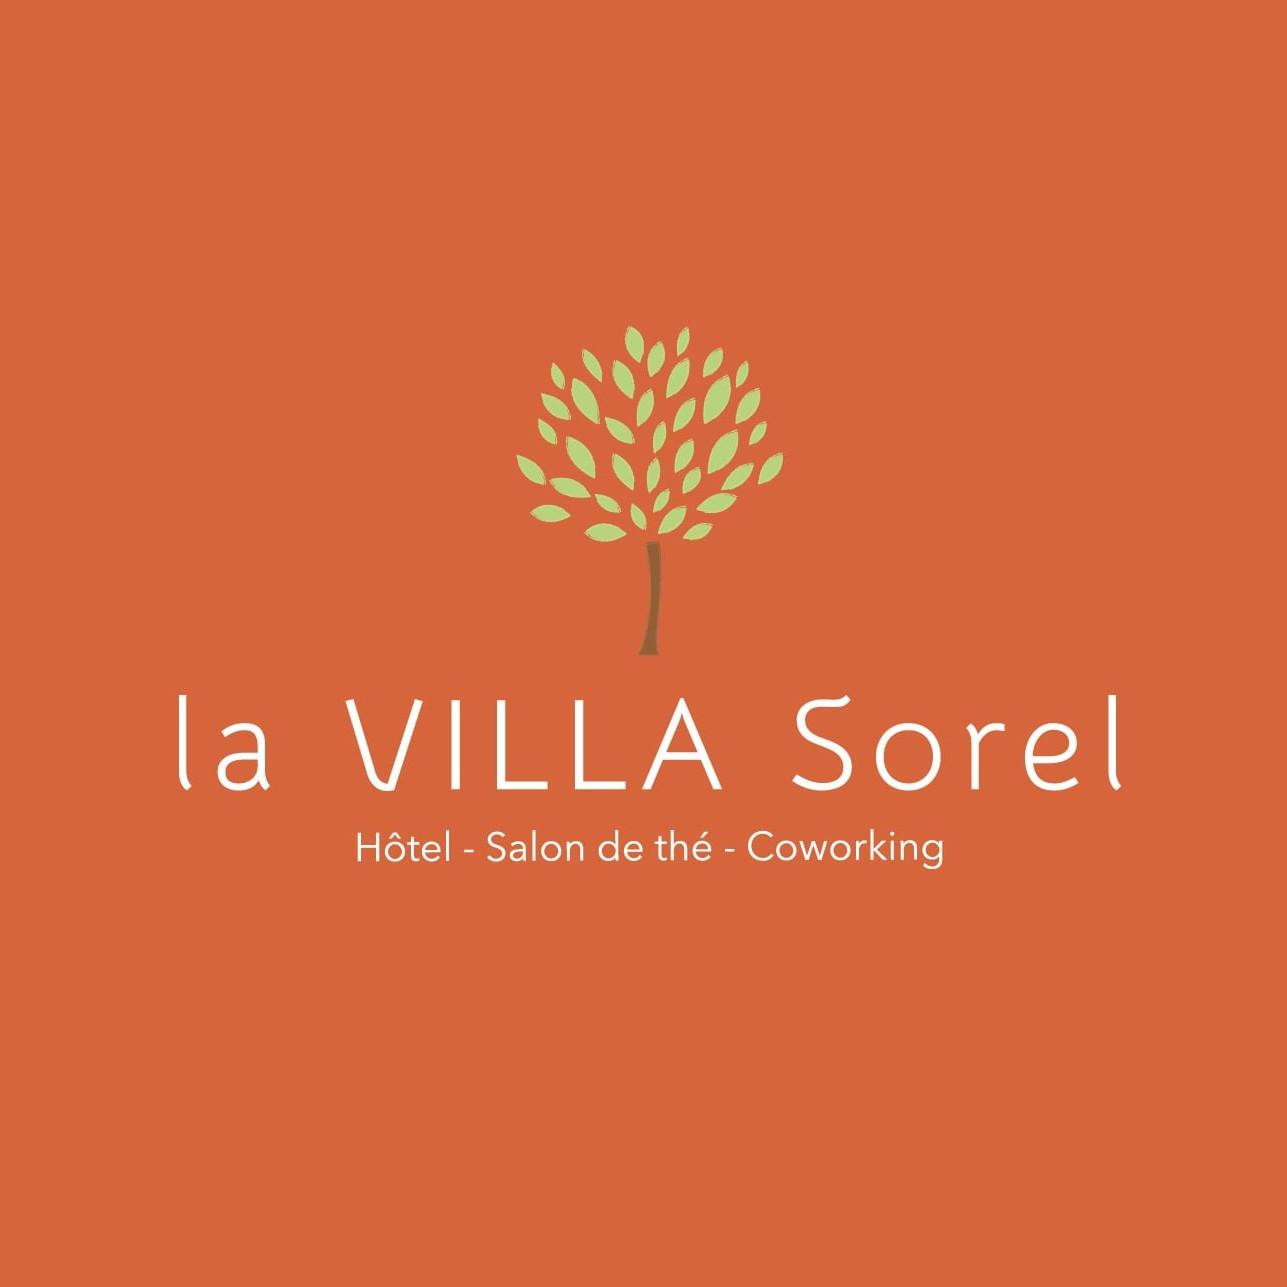 La Villa Sorel